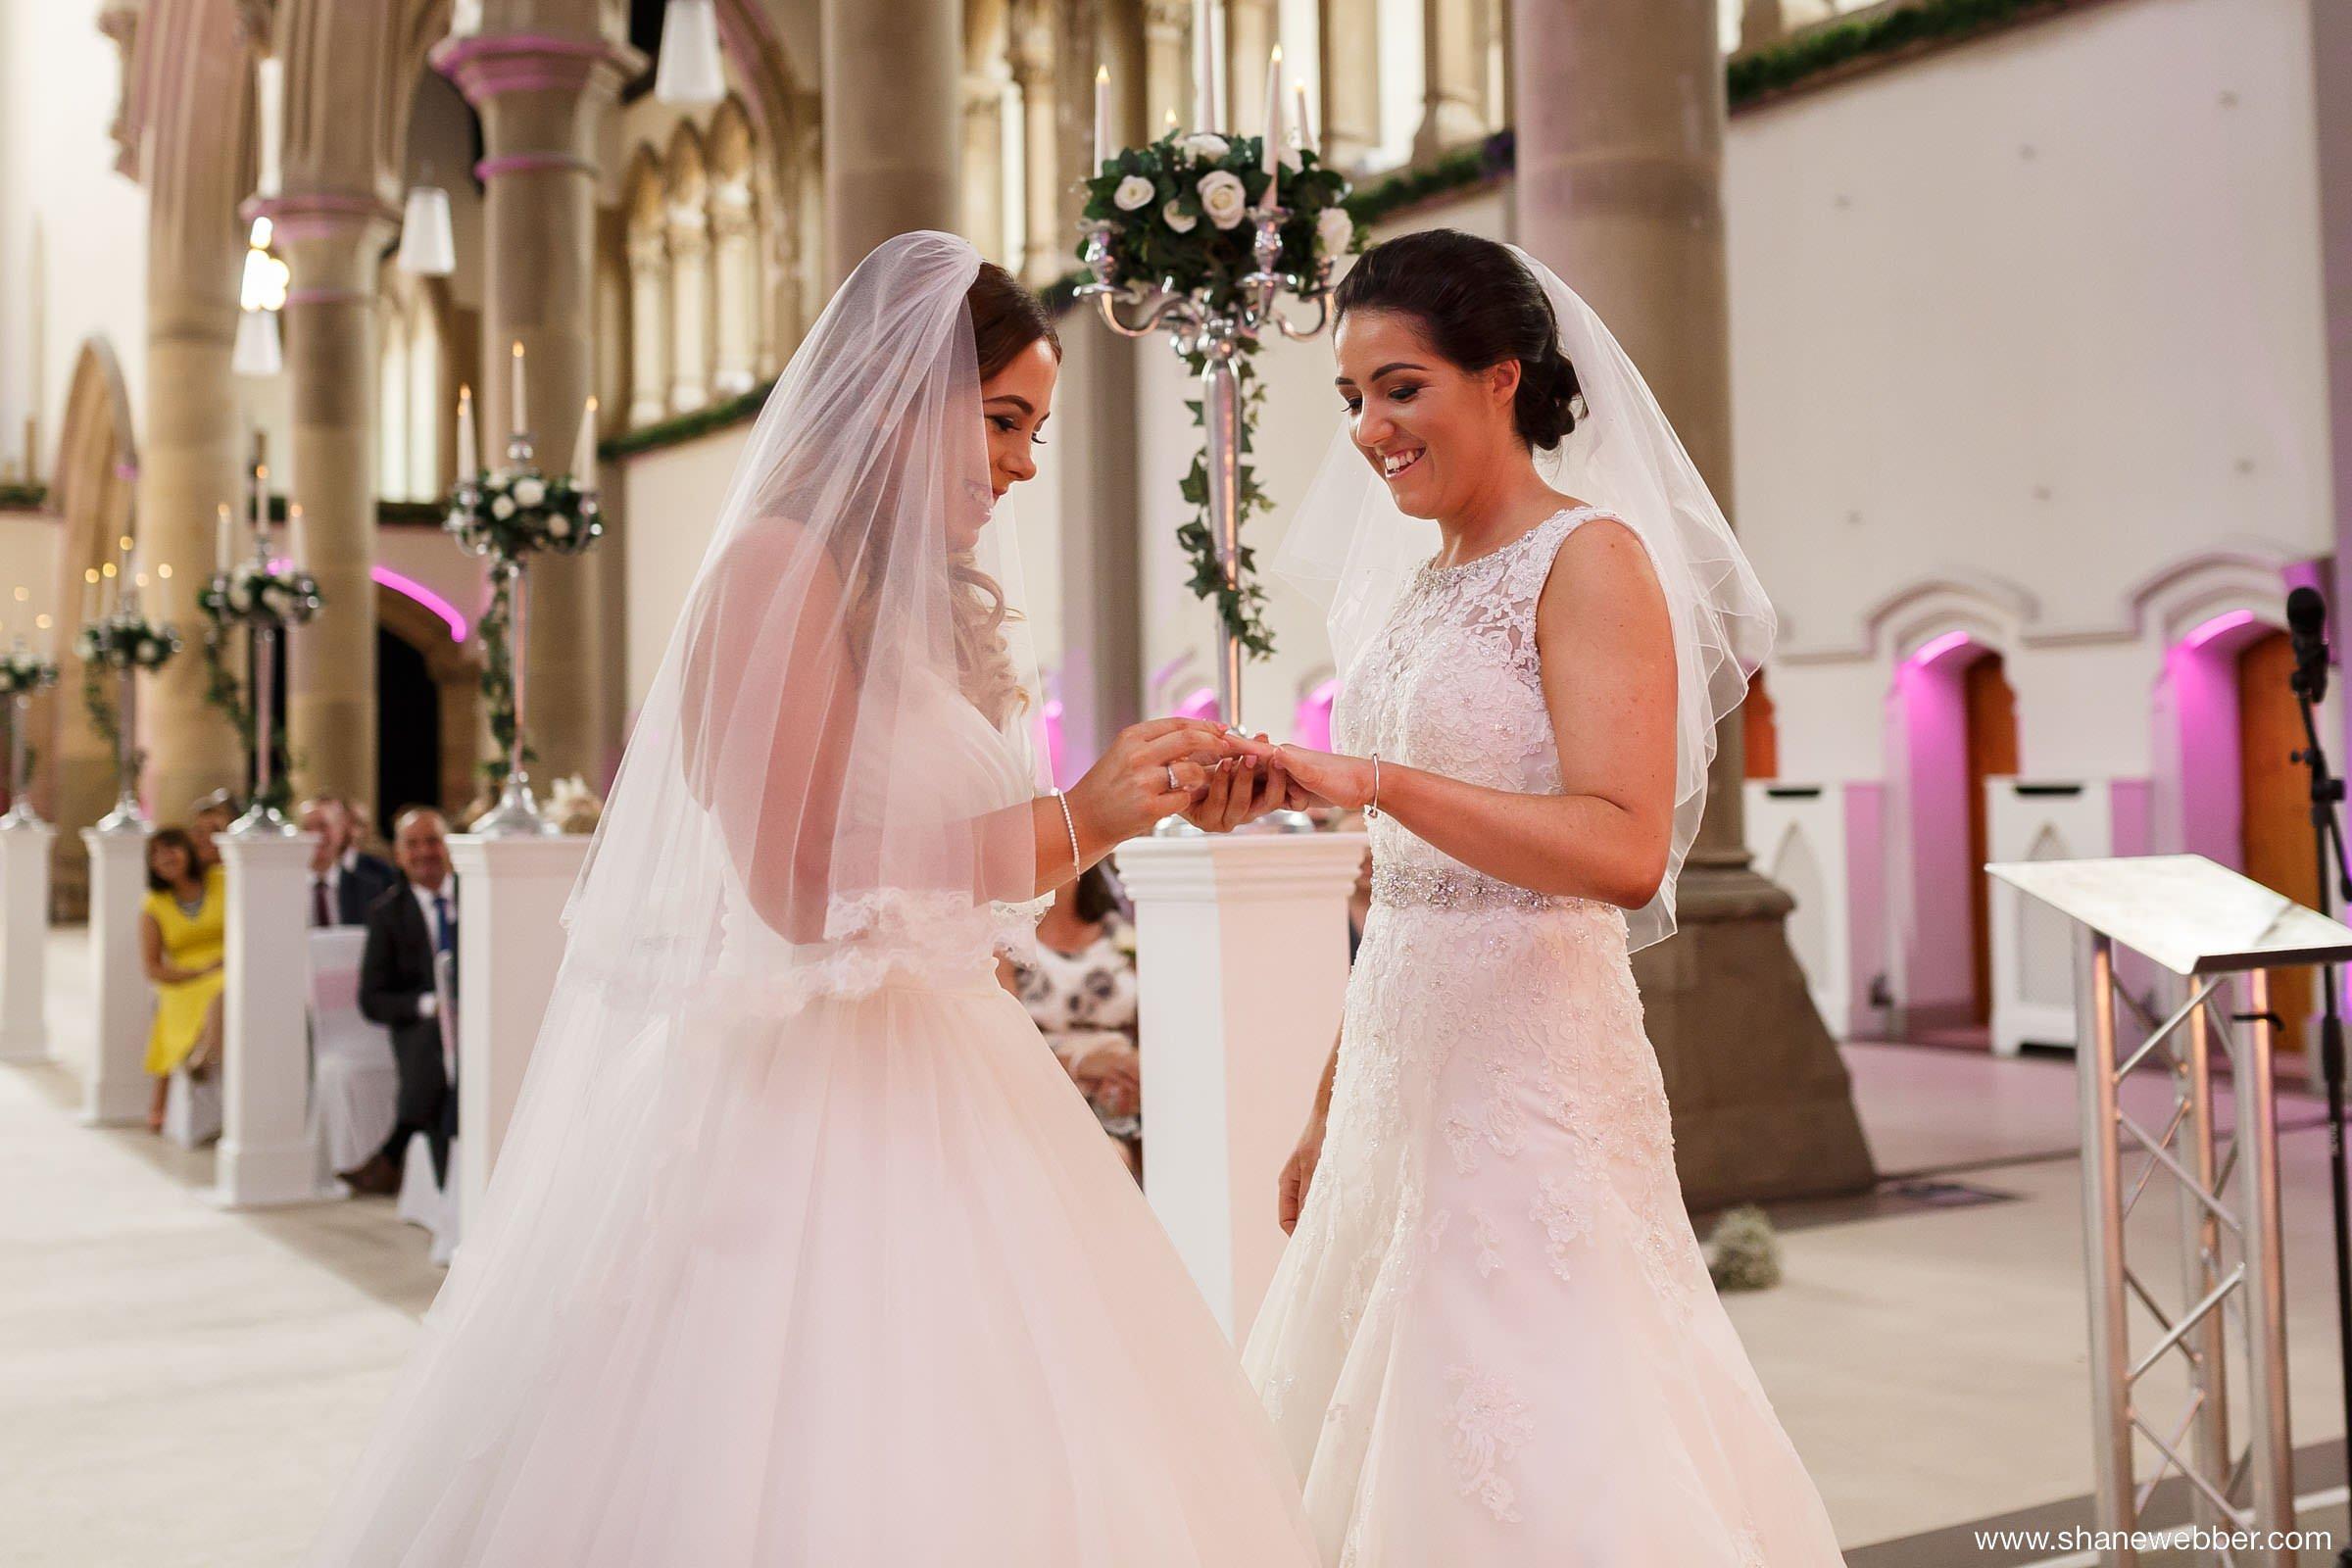 Natural photos of same sex wedding at Gorton Monastery Manchester